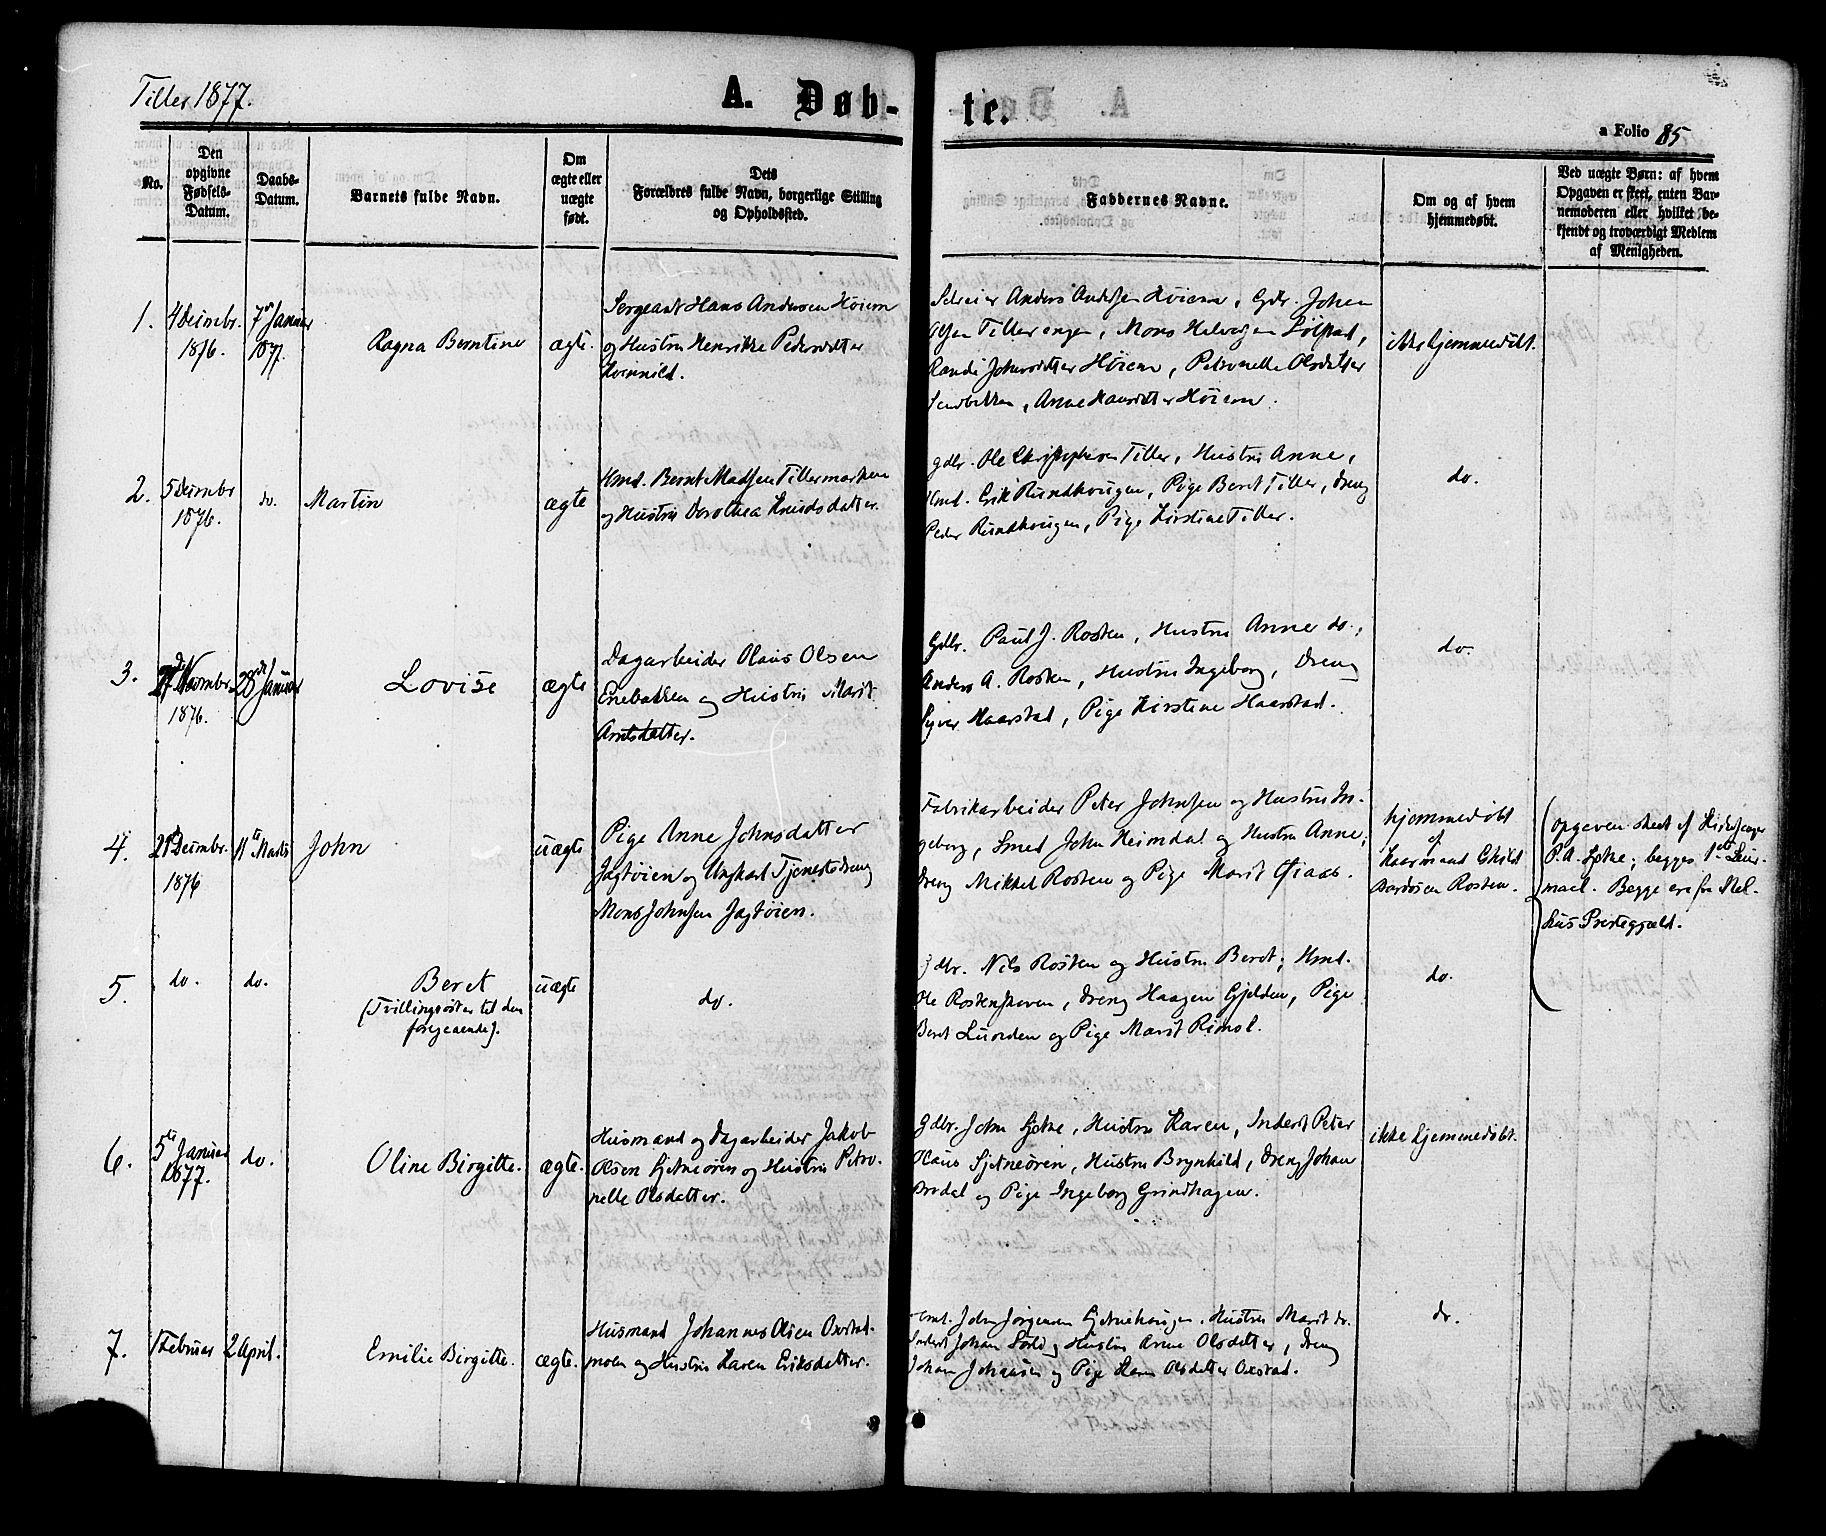 SAT, Ministerialprotokoller, klokkerbøker og fødselsregistre - Sør-Trøndelag, 618/L0443: Ministerialbok nr. 618A06 /2, 1863-1879, s. 85